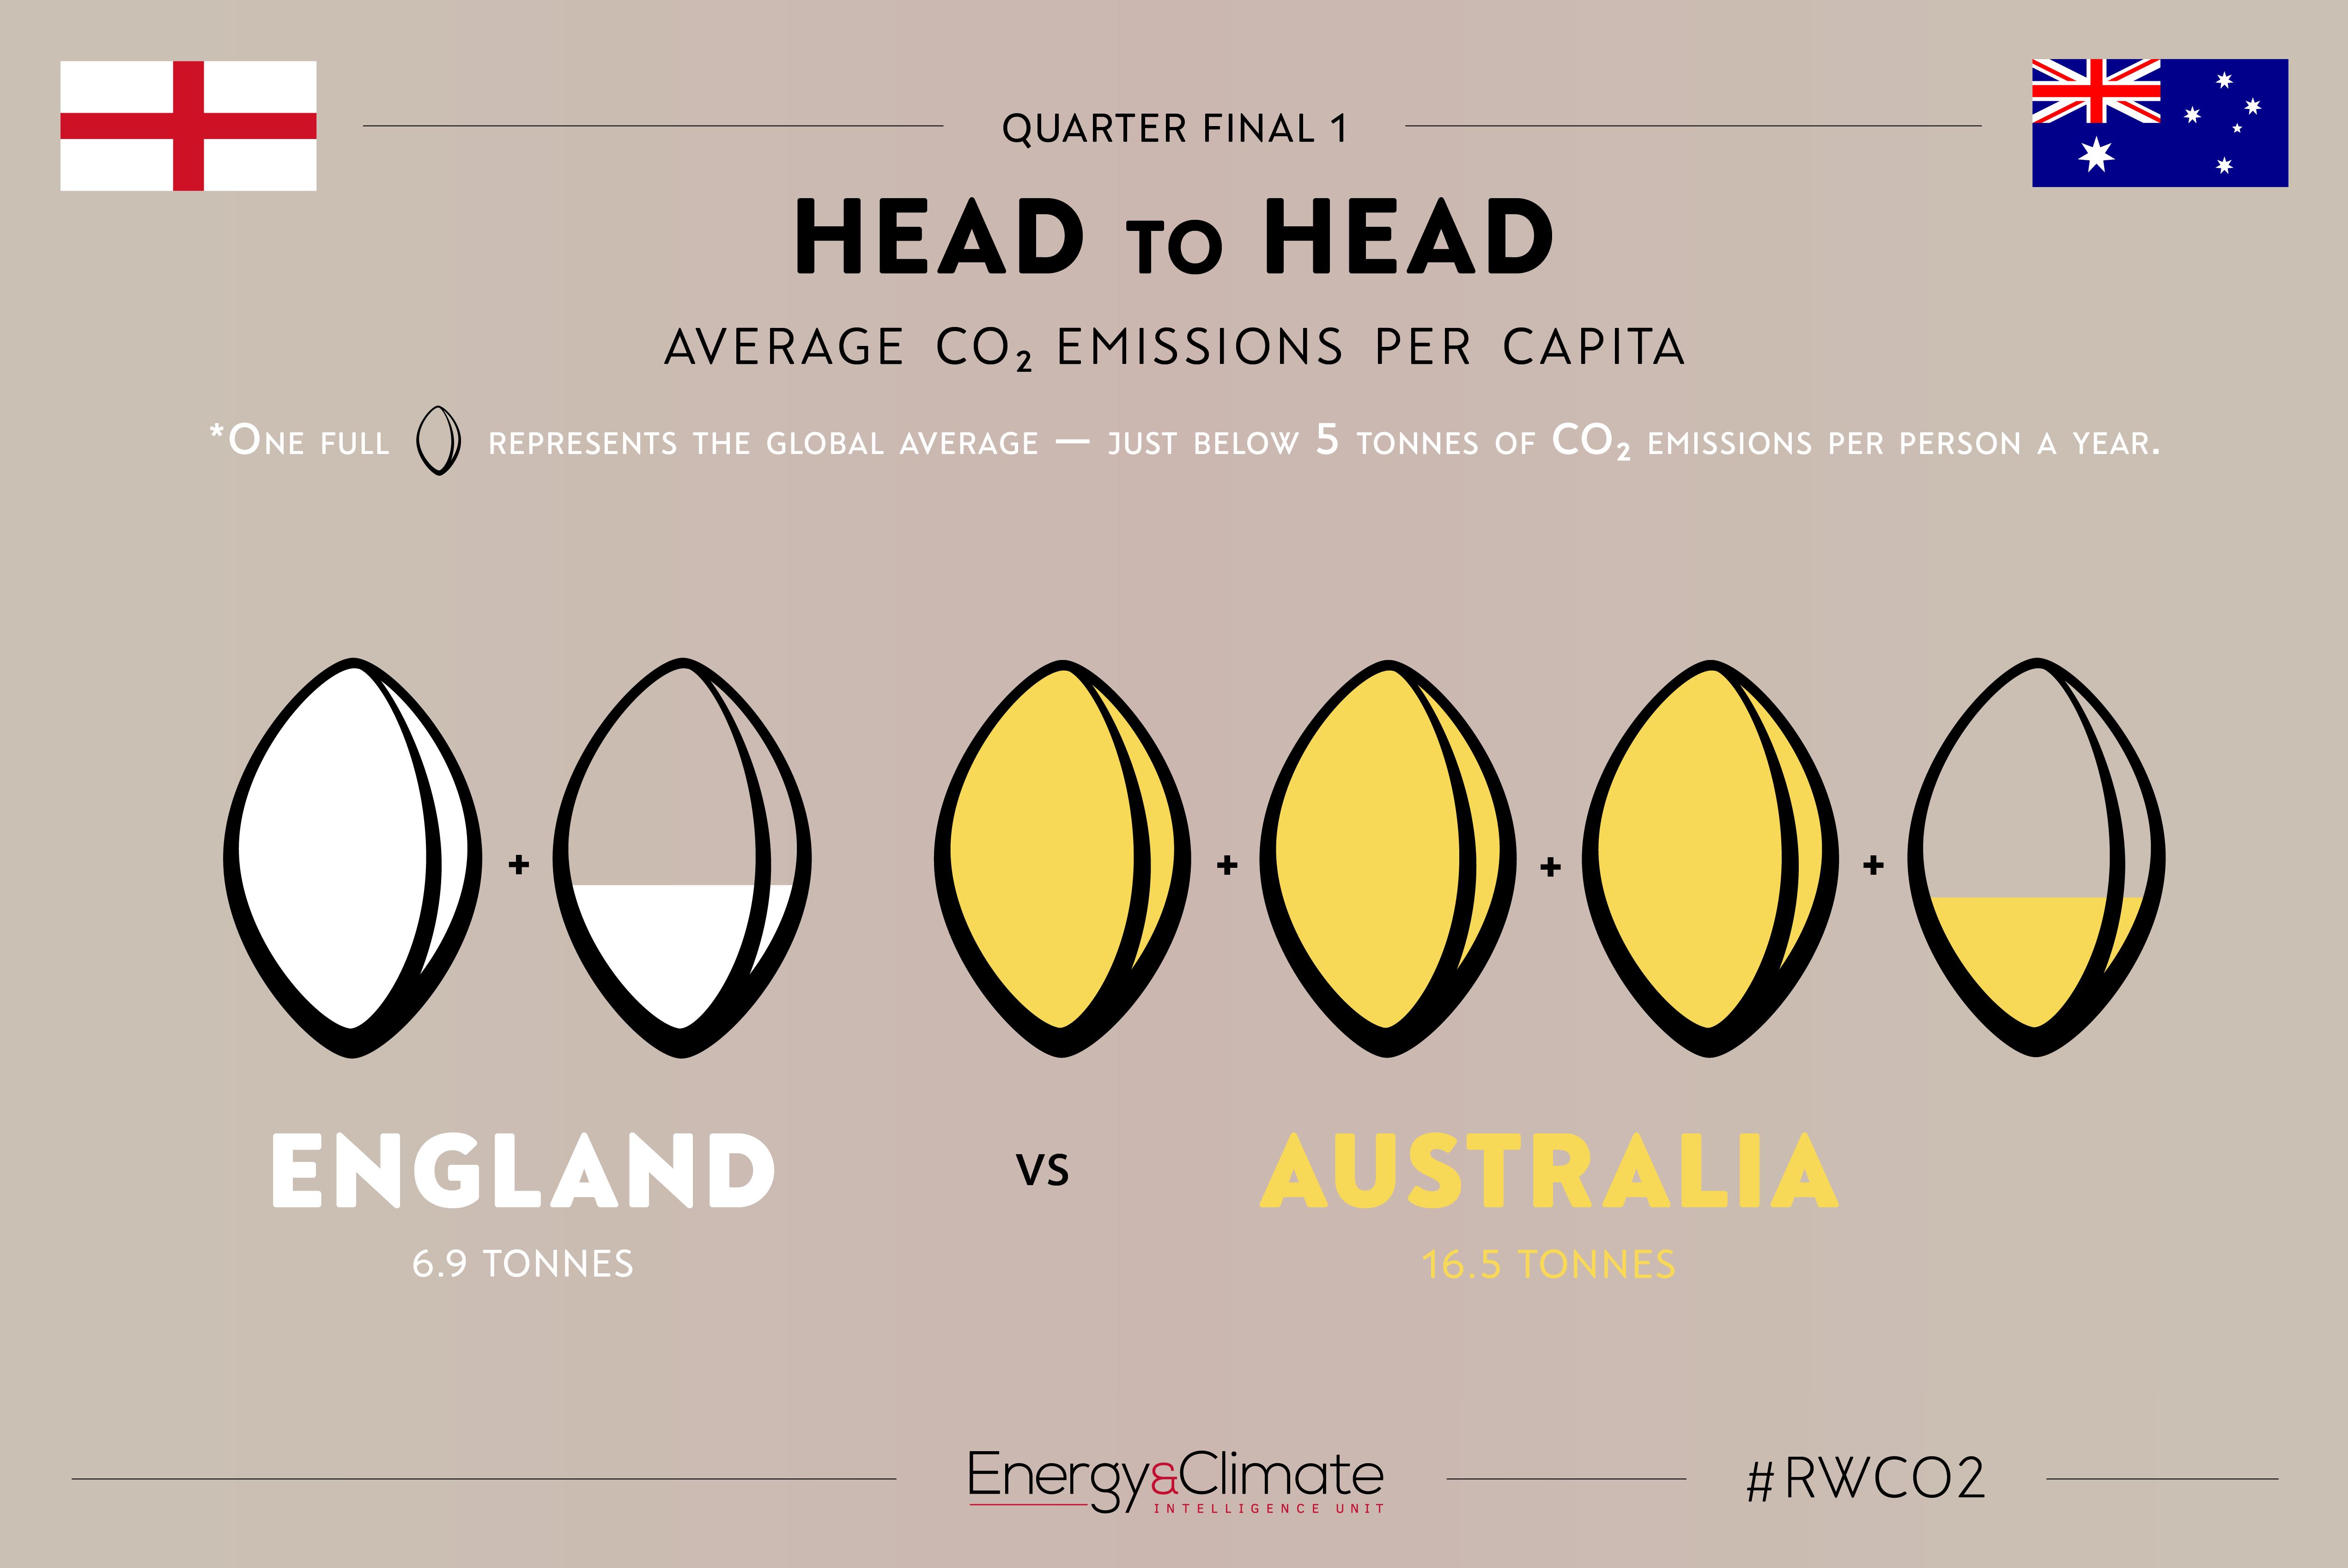 England v Australia - per capita emissions